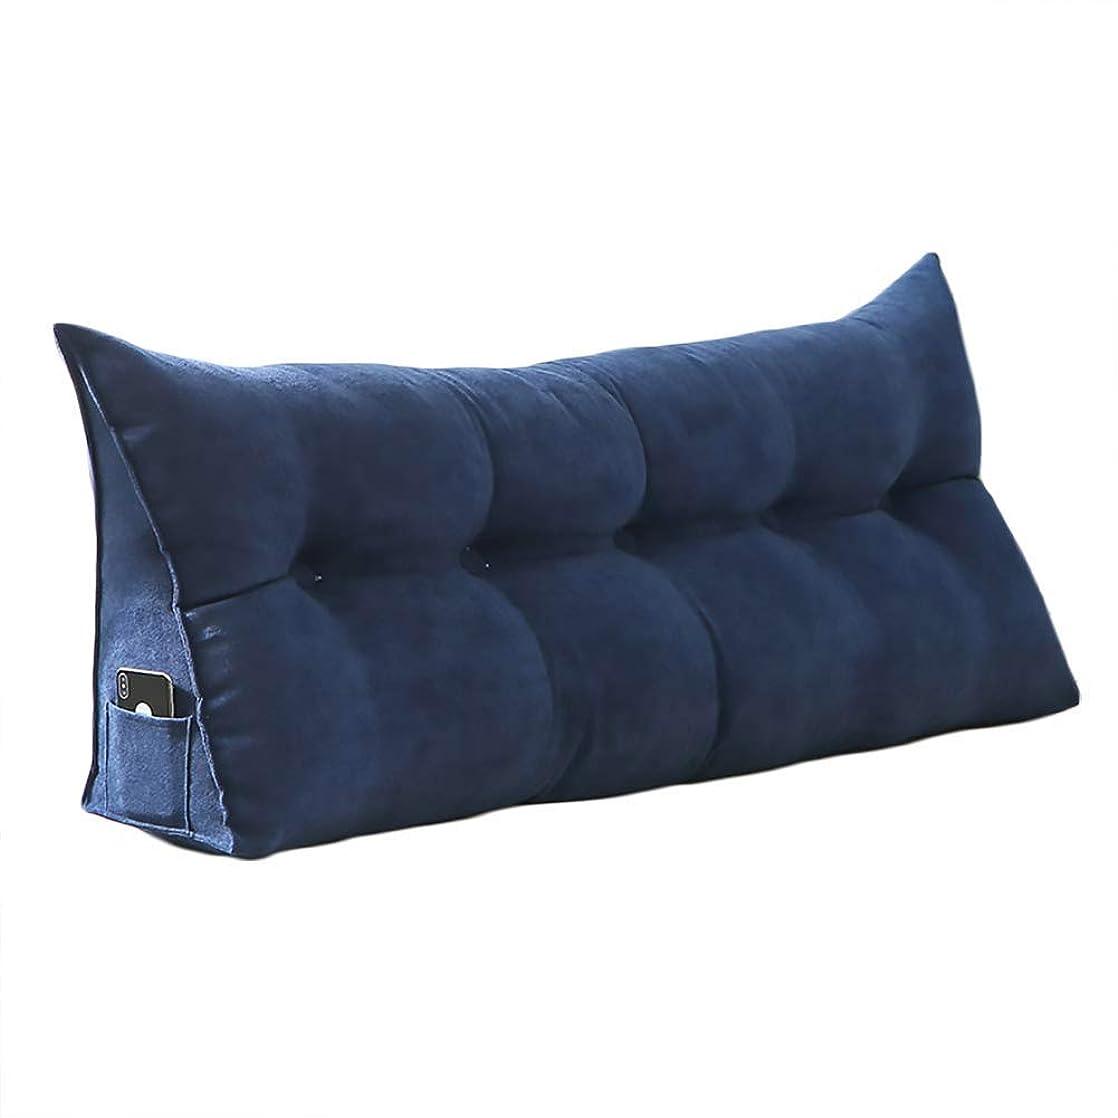 豆赤面ますますエクストラソフト 大 クッション,三角クッション 位置決め サポート 読ん 背もたれ 三角枕 の ベッド 二段ベッド 取り外し可能なカバー-青 200x50cm(79x20inch)